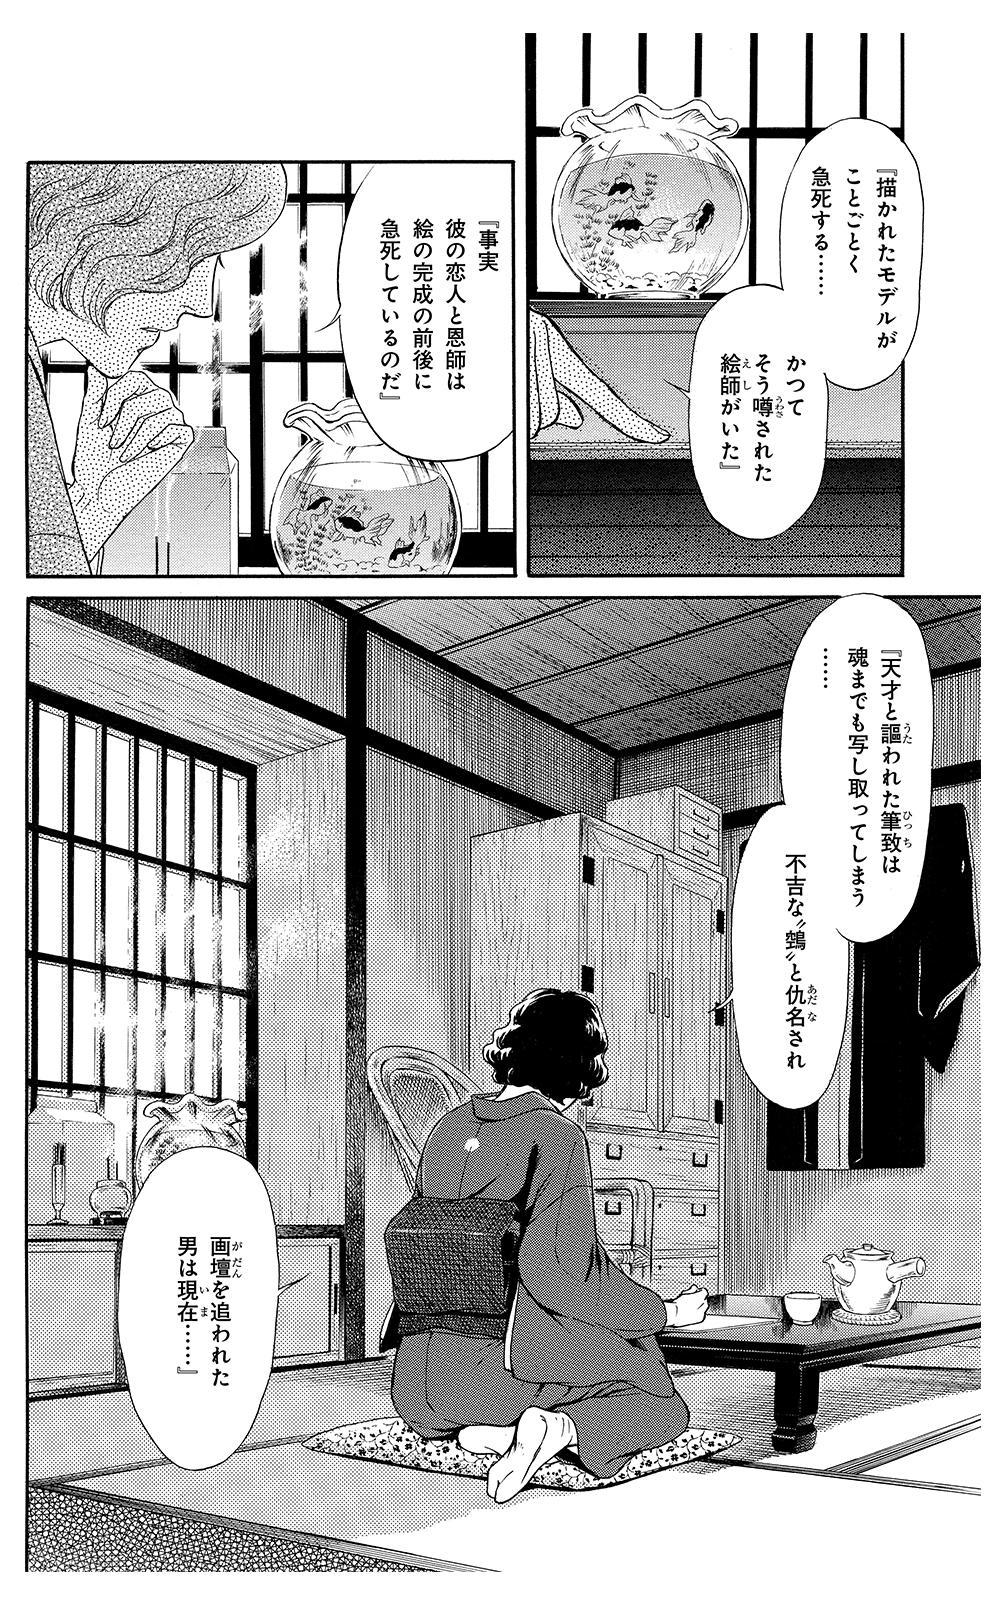 鵼の絵師 第2話「おきみやげ」①nue03-02.jpg